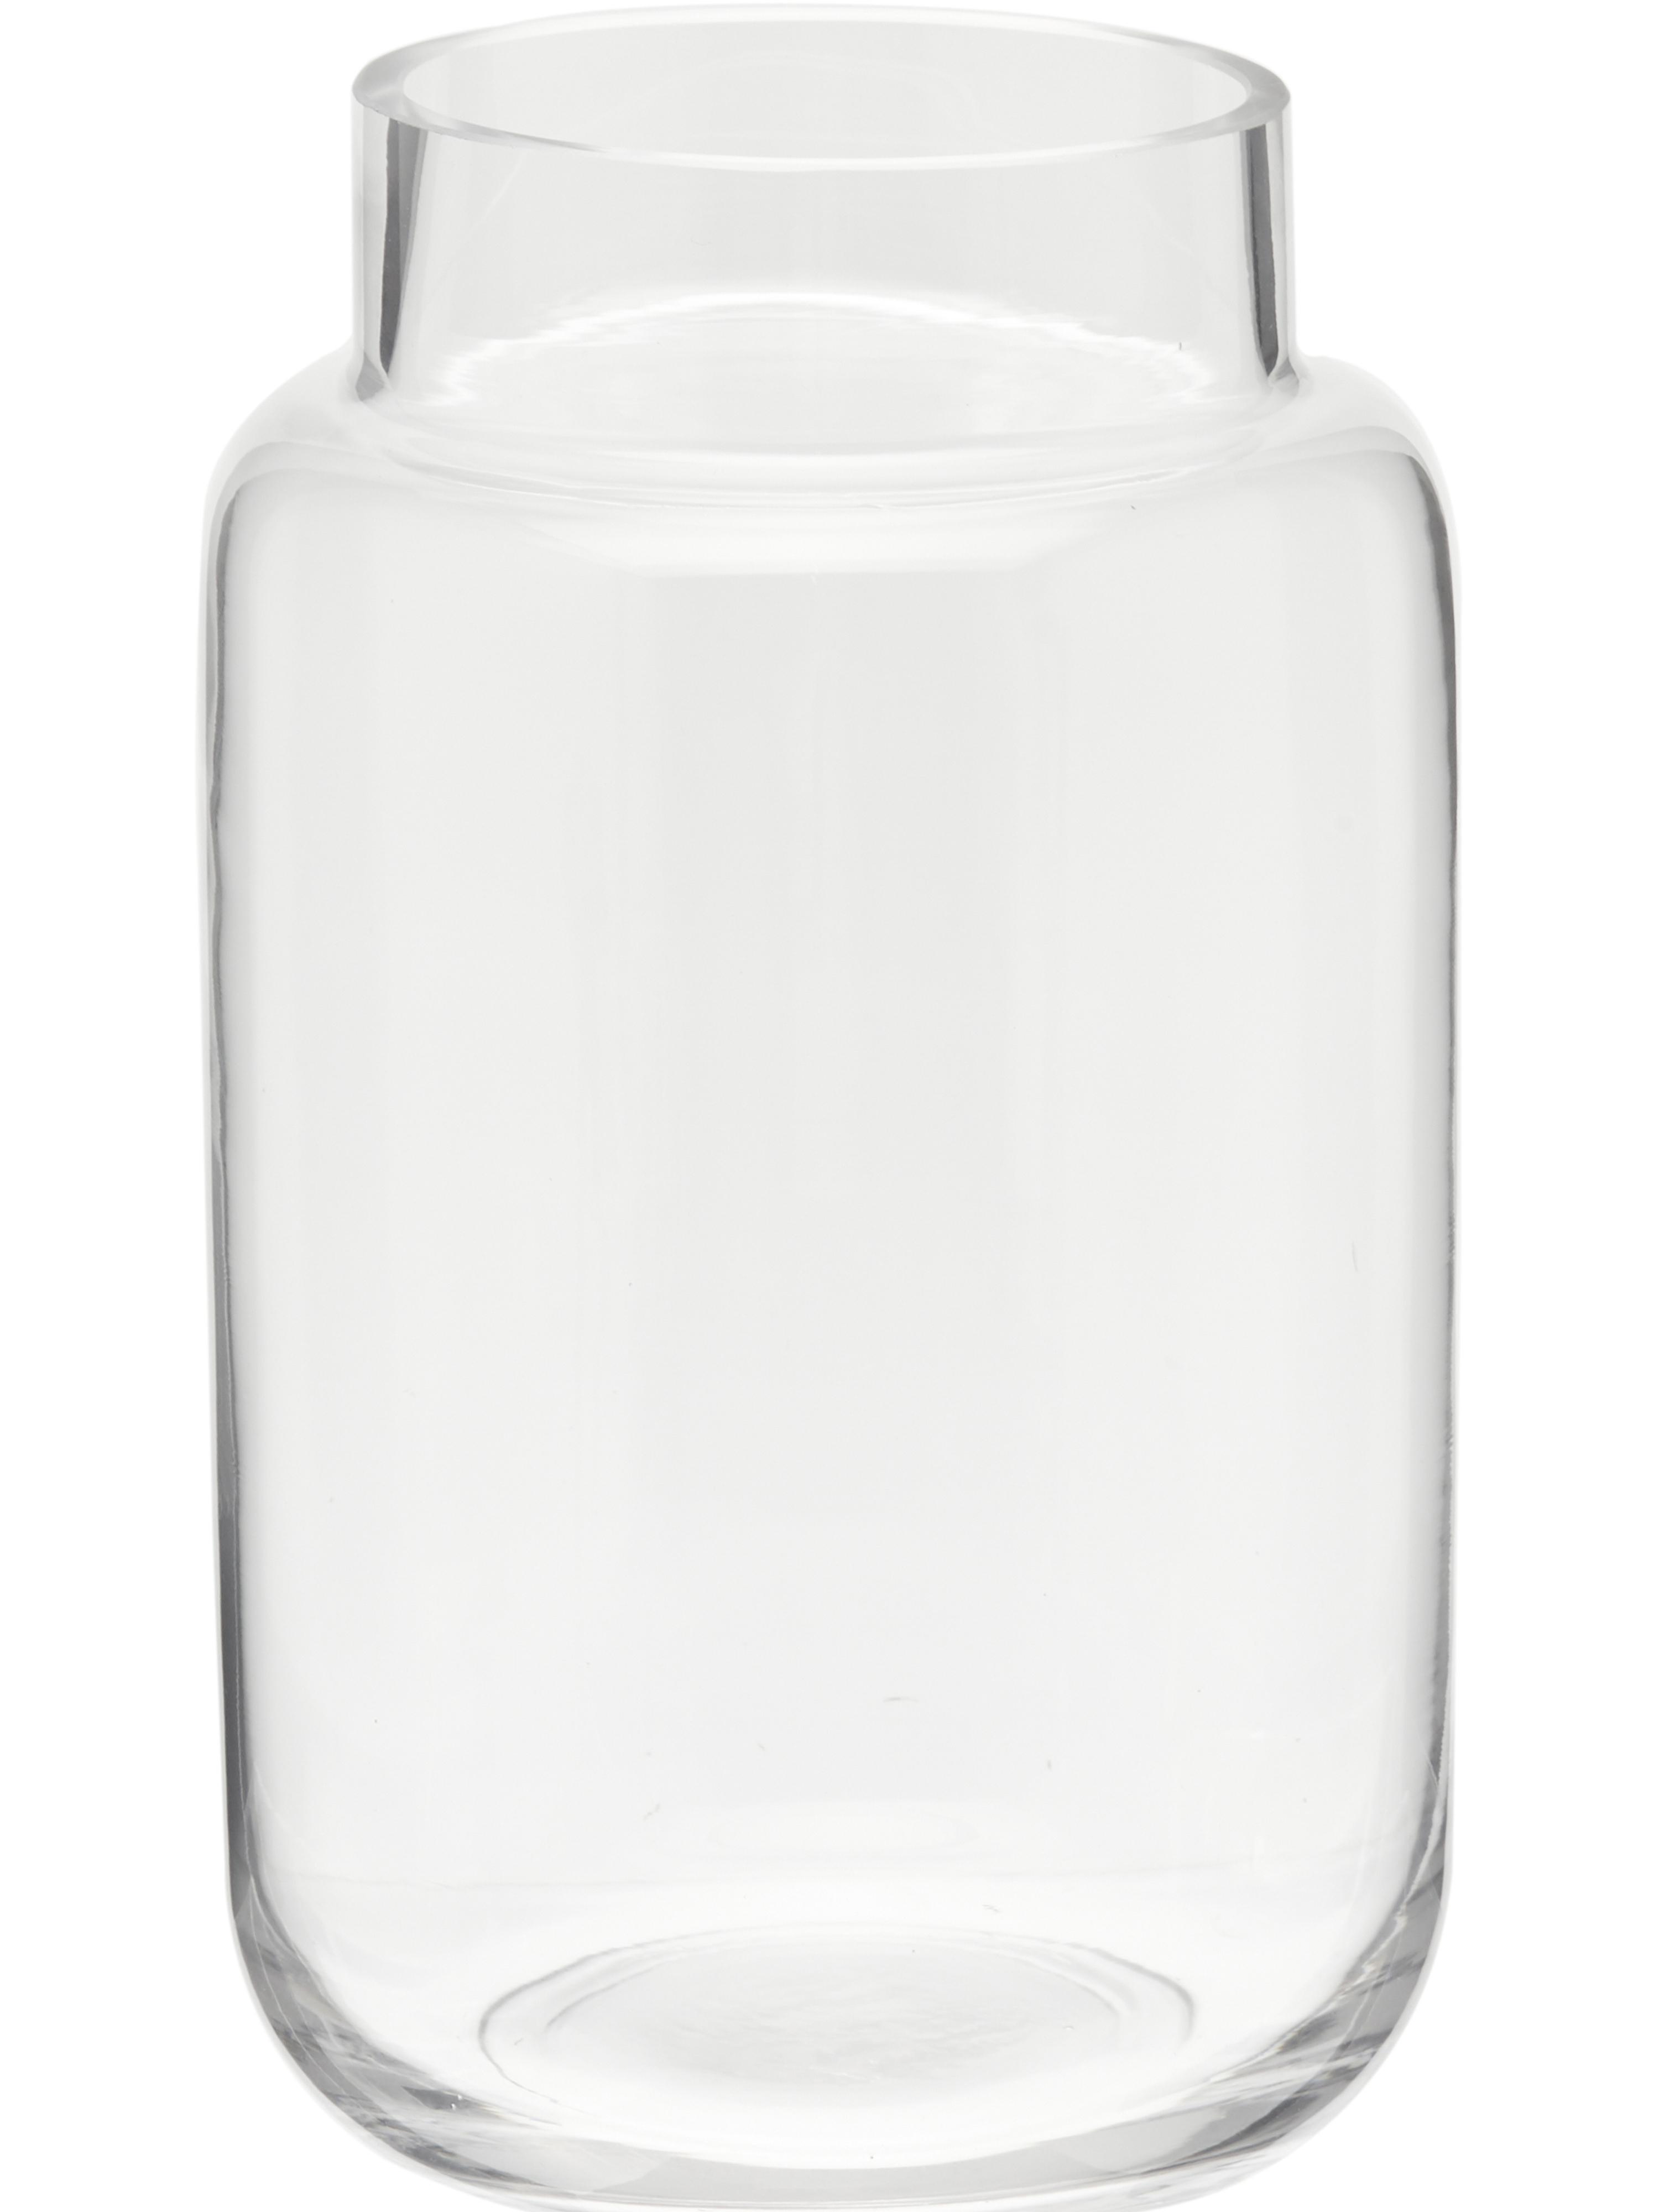 Vaso in vetro Lasse, Vetro, Trasparente, Ø 14 x Alt. 23 cm